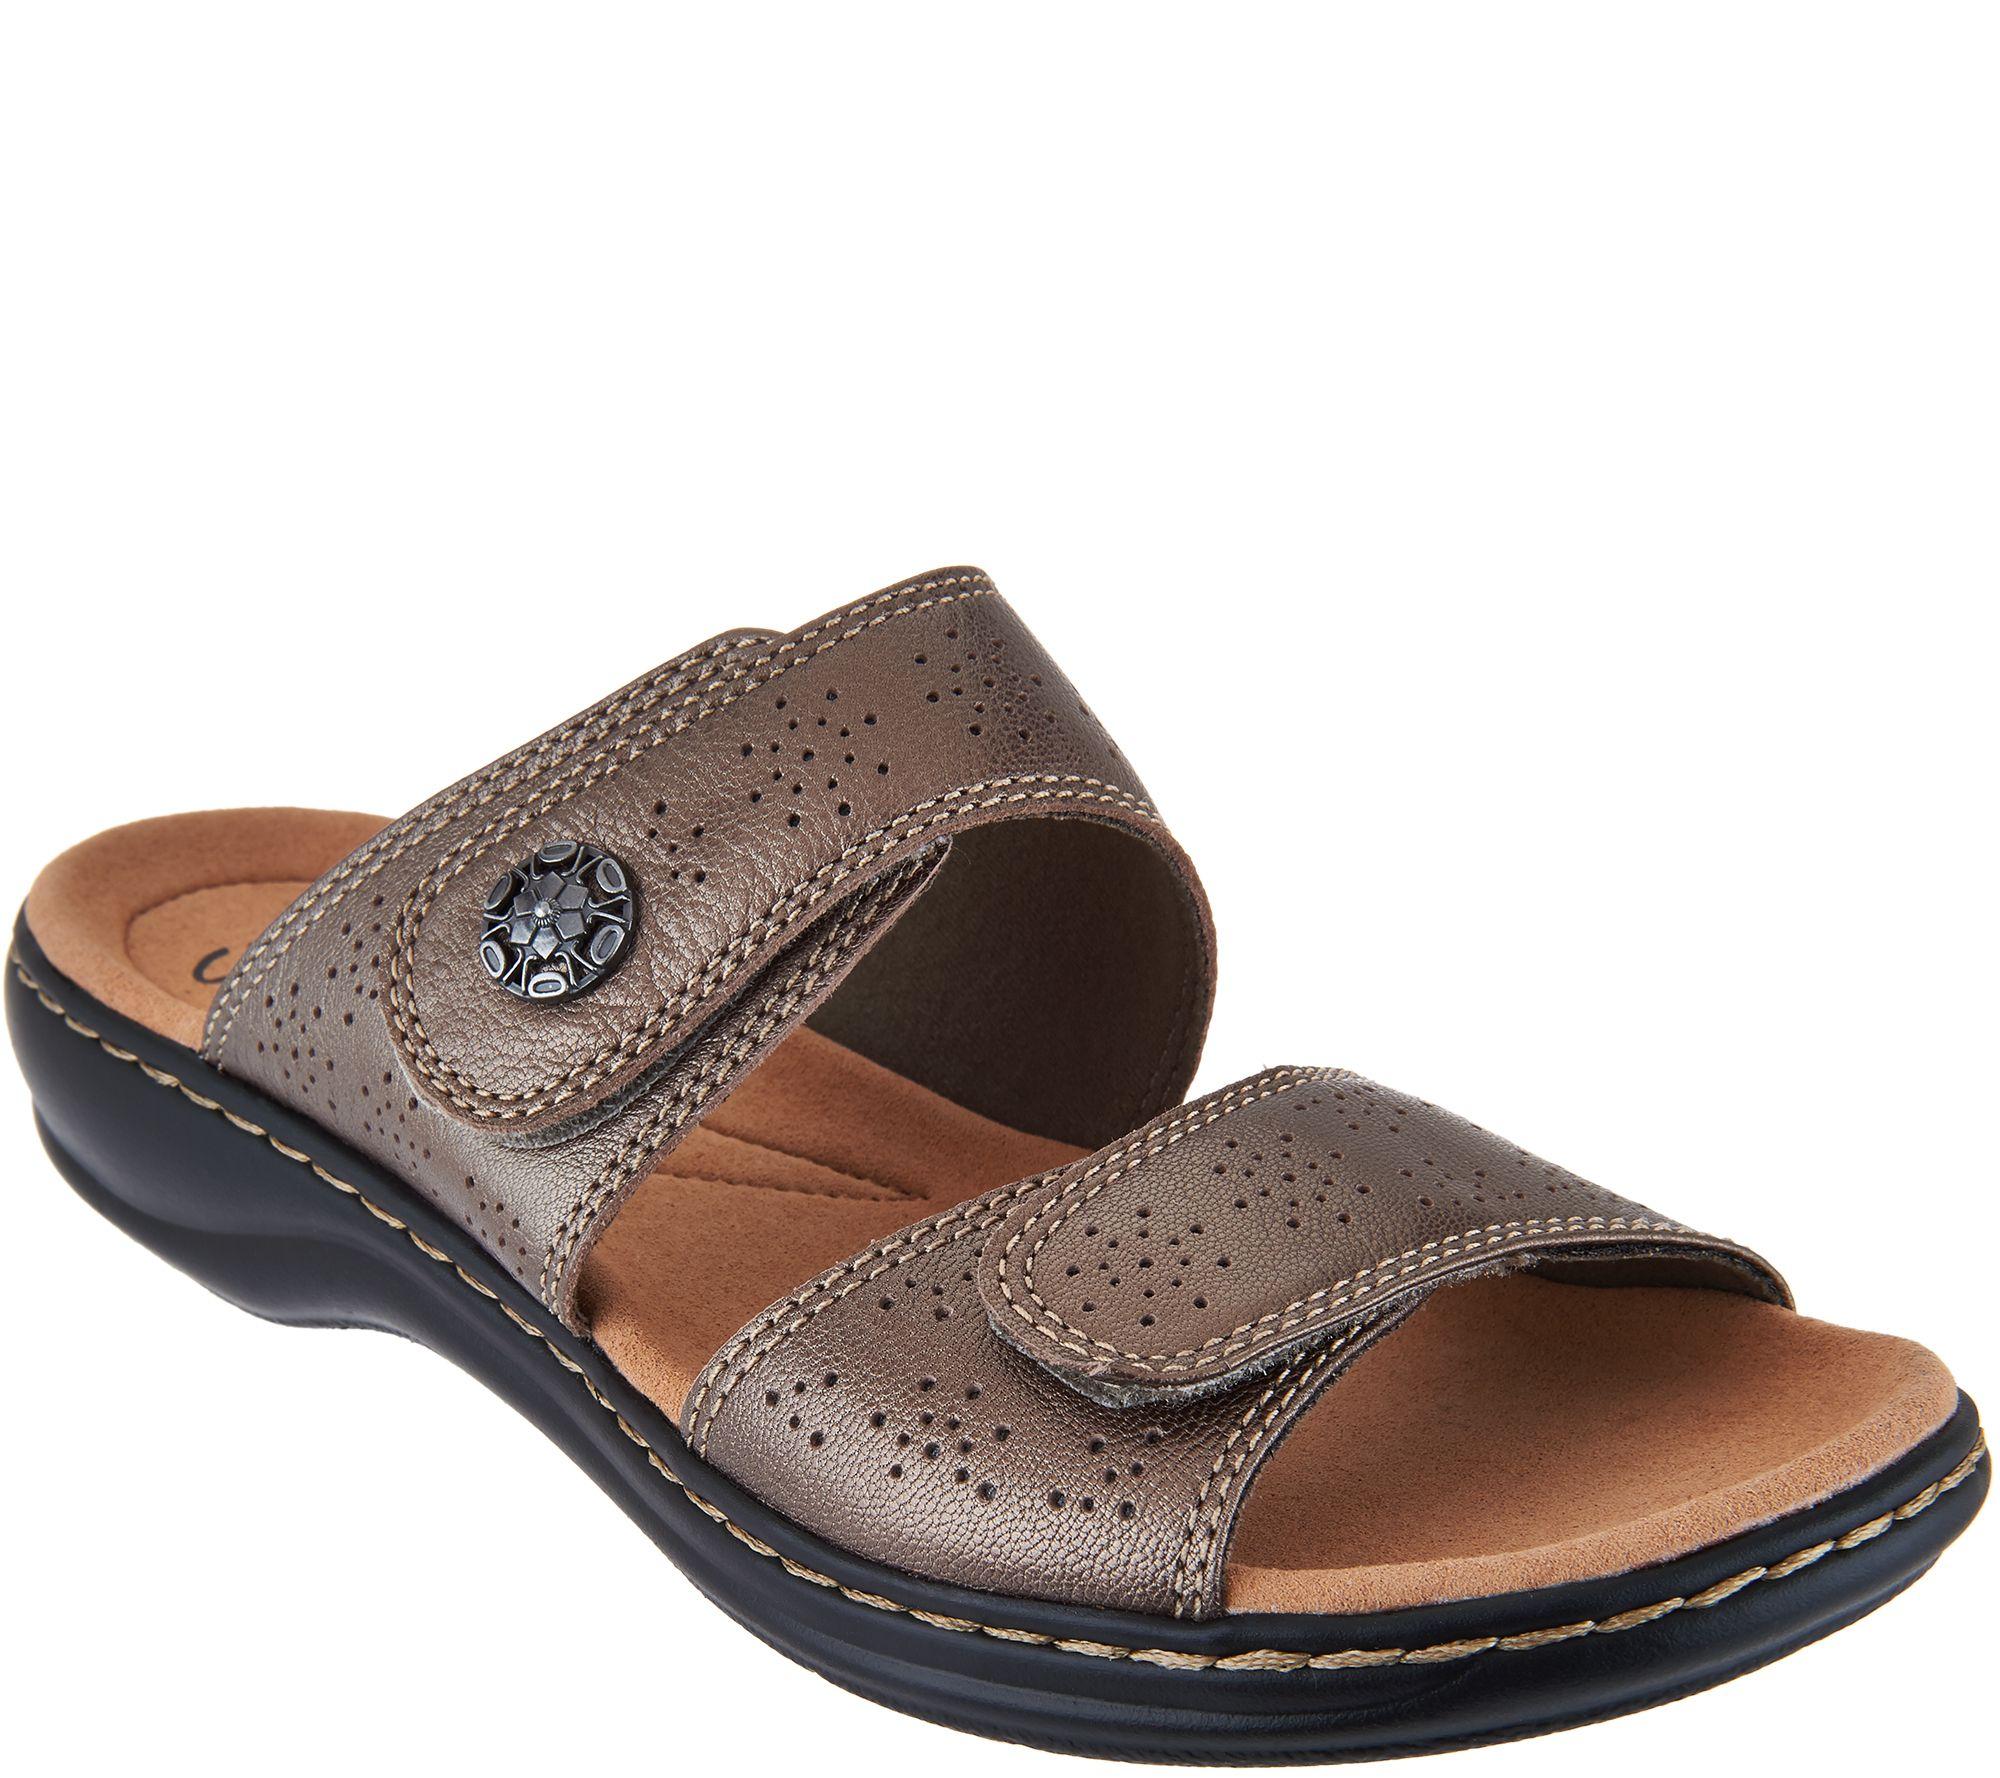 Clarks Leather Double Adjust Slide Sandals - Leisa Lacole - Page 1 — QVC.com